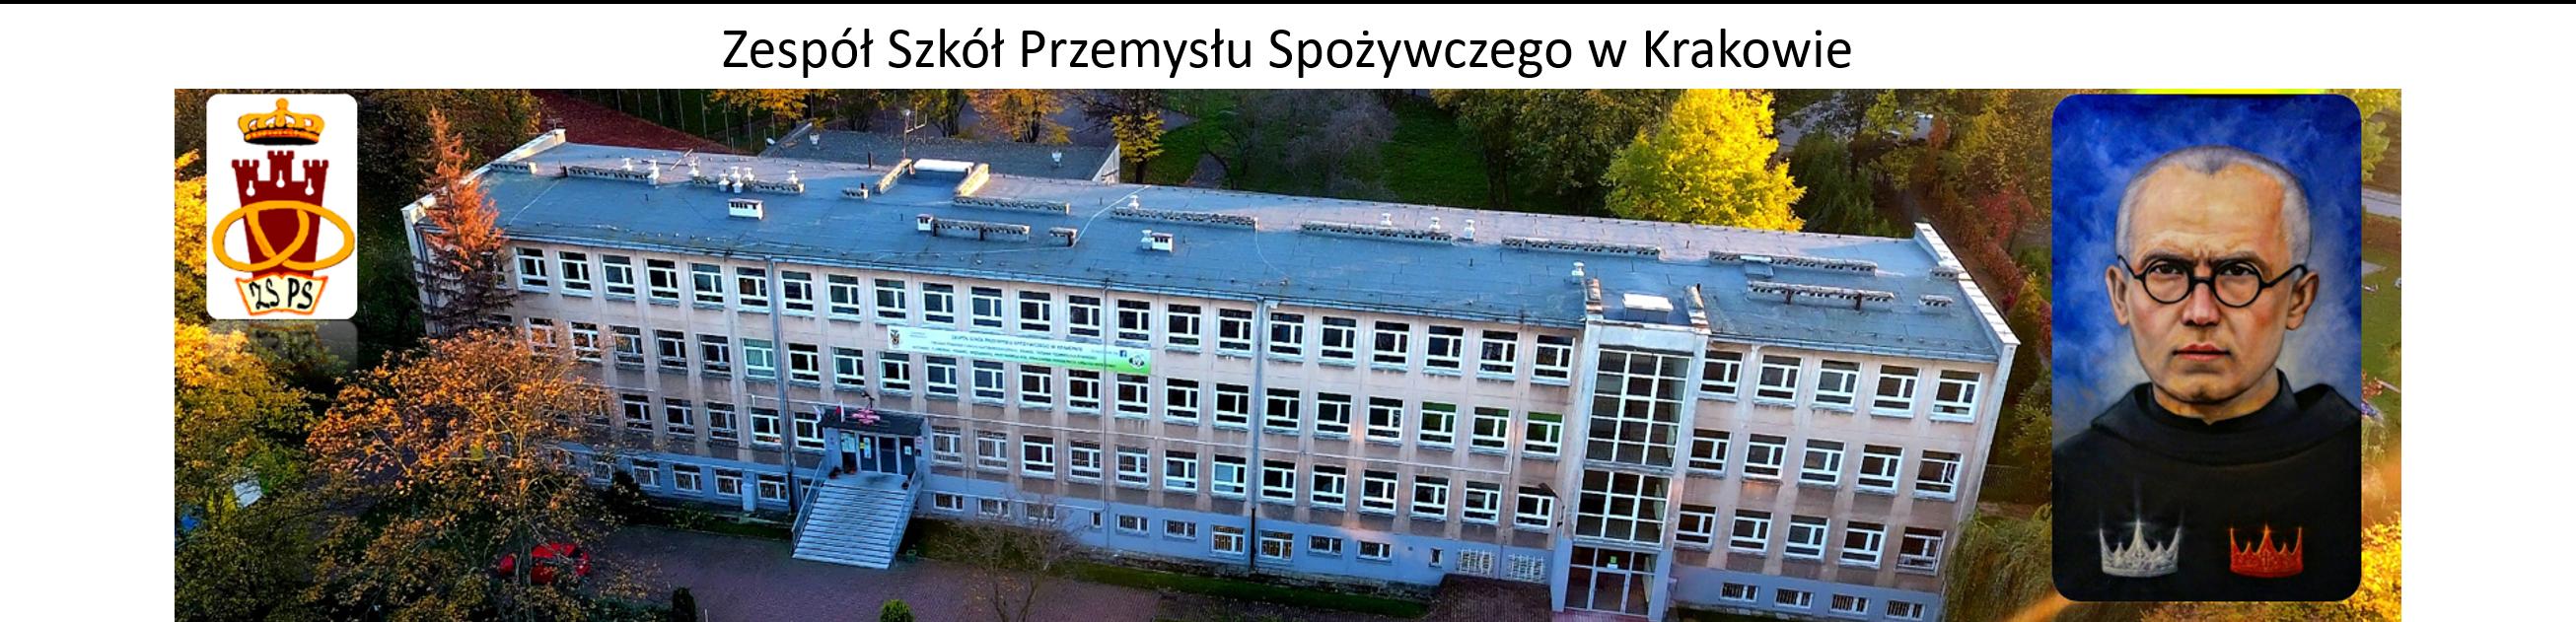 Gastronomik – Zespół Szkół Przemysłu Spożywczego w Krakowie